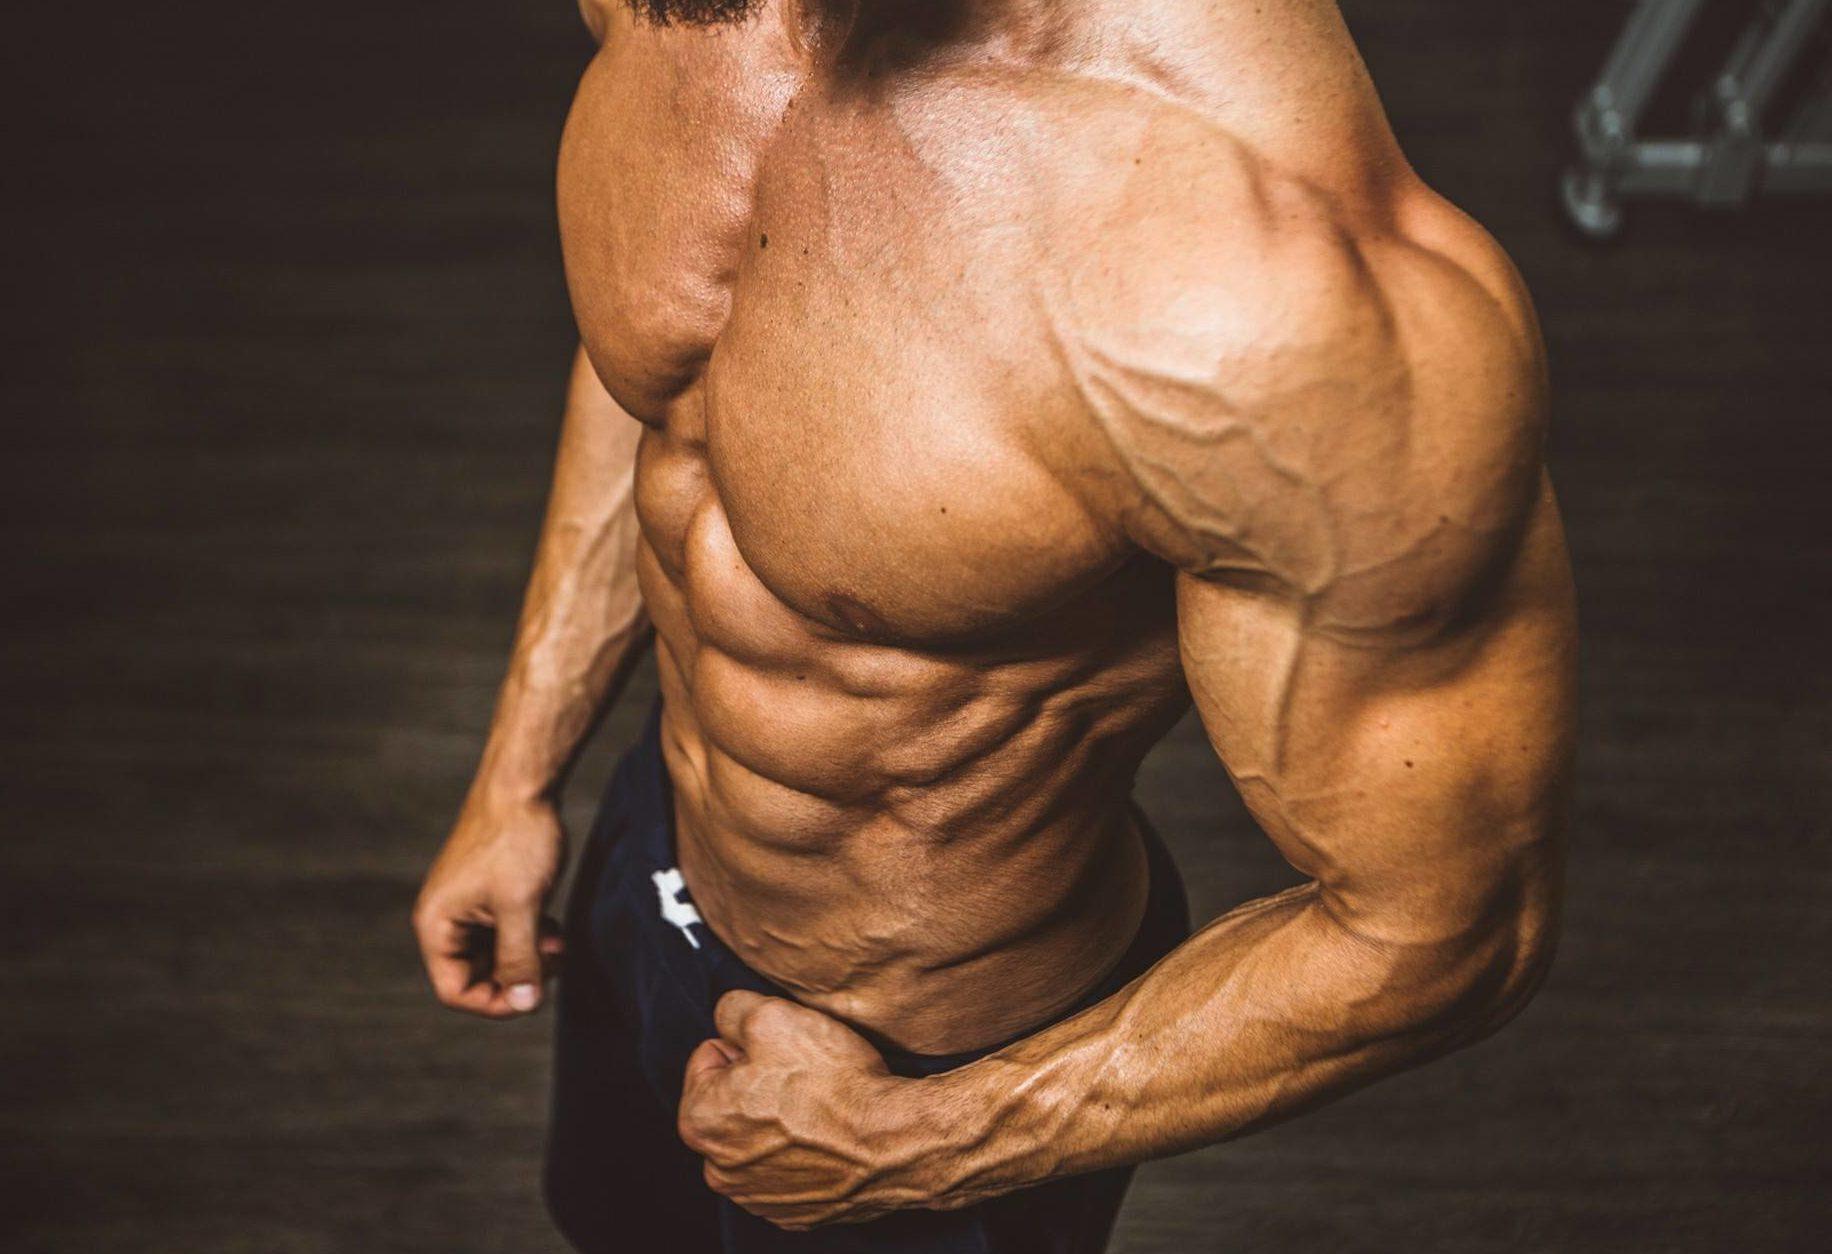 Kako do trbušnih mišića i koje su najbolje vježbe za trbušnjake finjak portal trbušnjaci savršeno tijelo slaven vico izgled trbušnjaci